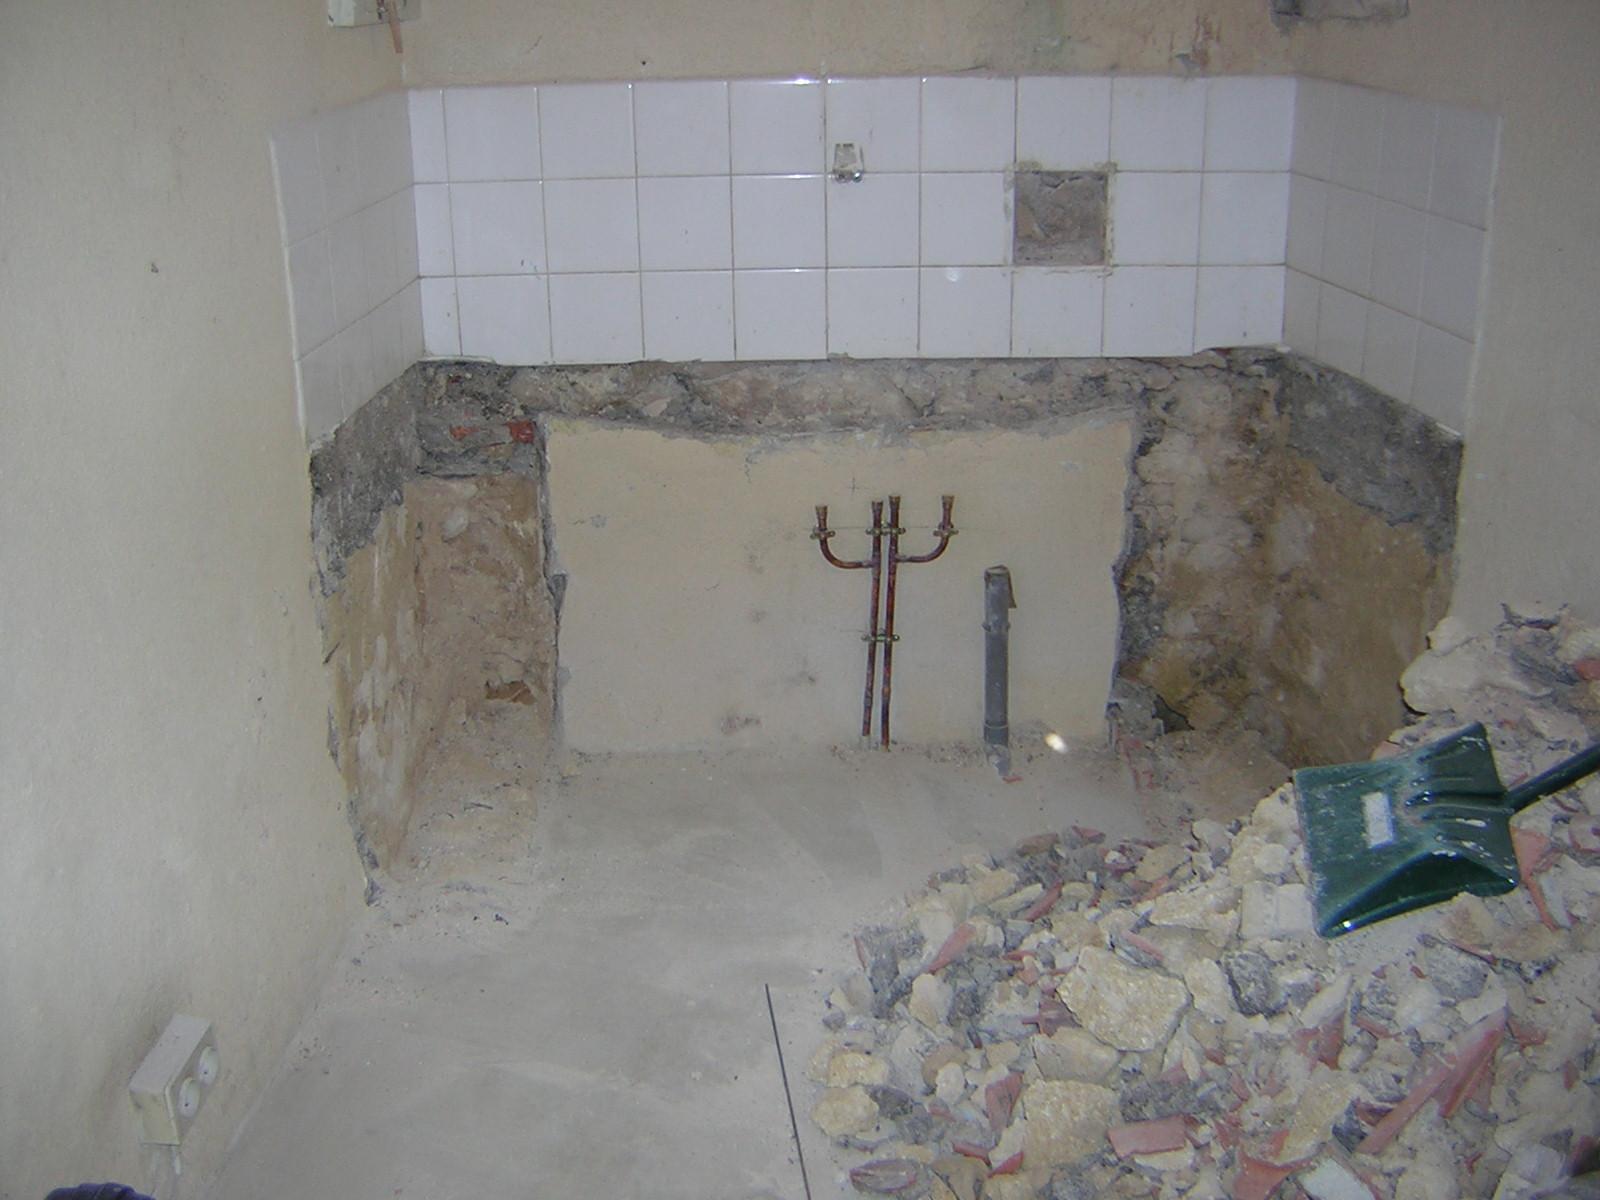 2 eme travaux de la journ e la salle de bain - Travaux salle de bain ...